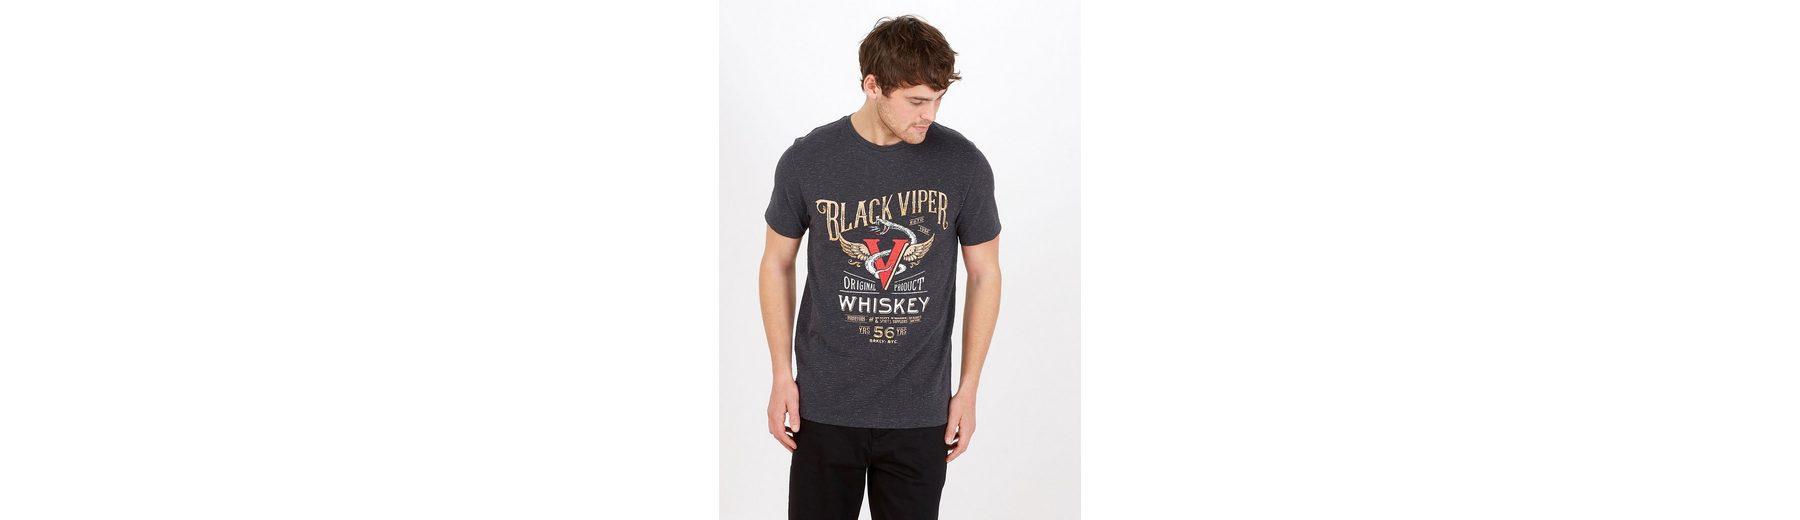 Next T-Shirt mit Schlangen-Print Beste Preise Im Netz WYvUWLn2